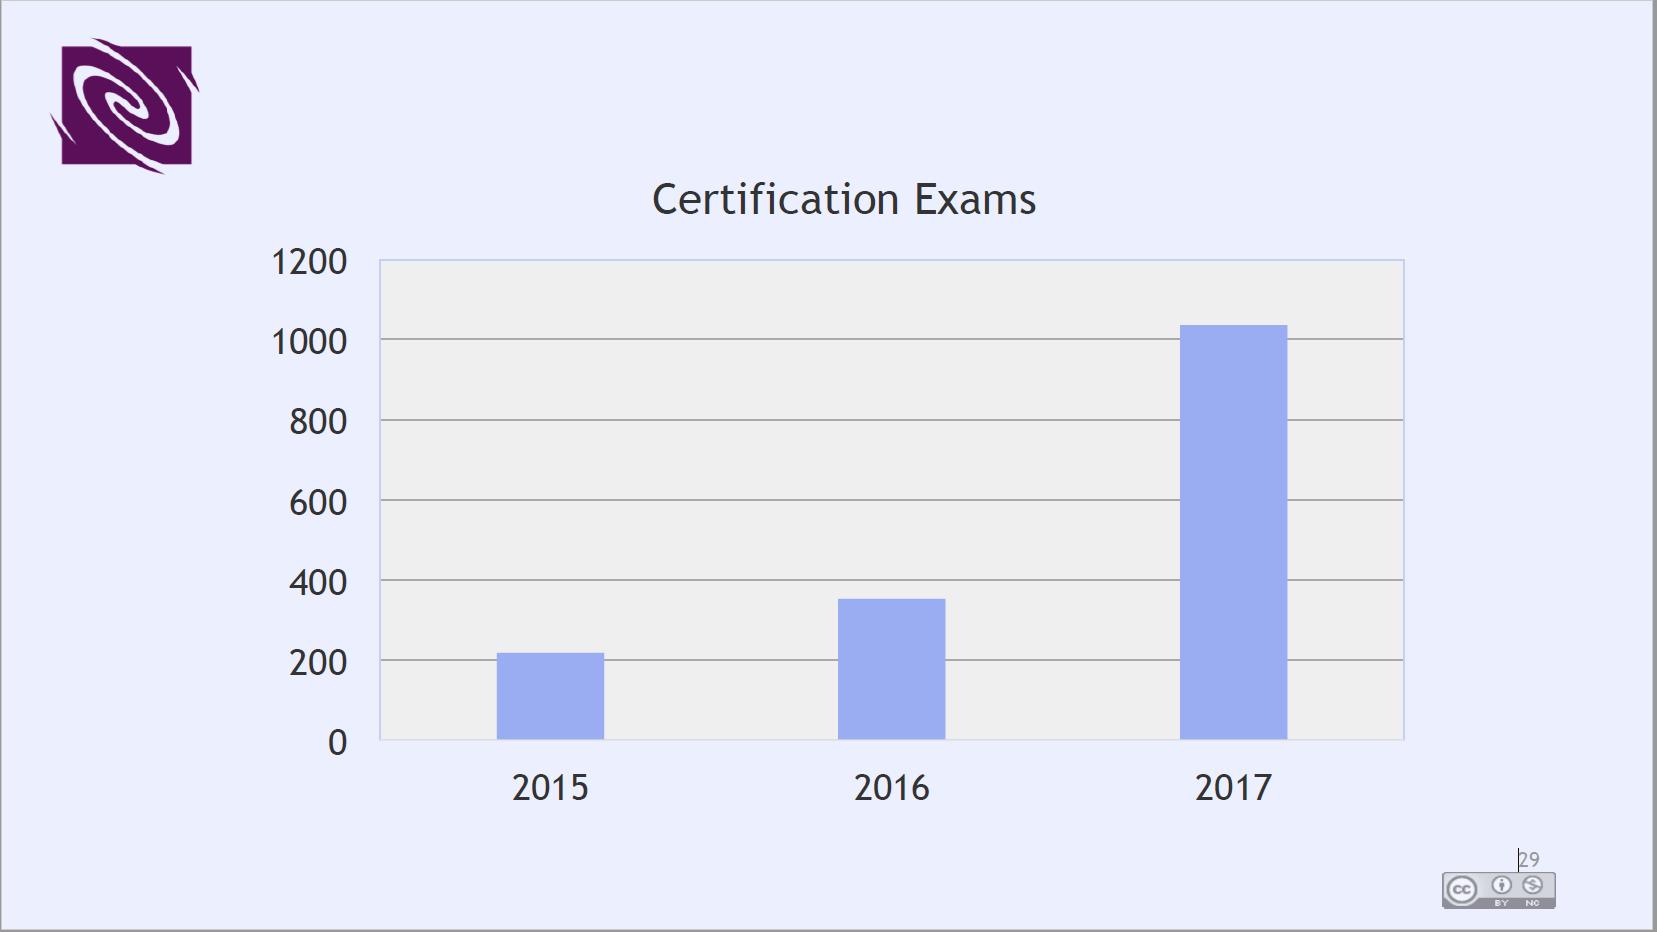 Anstieg der Prüfungszahlen der KCS-Zertifizierungen